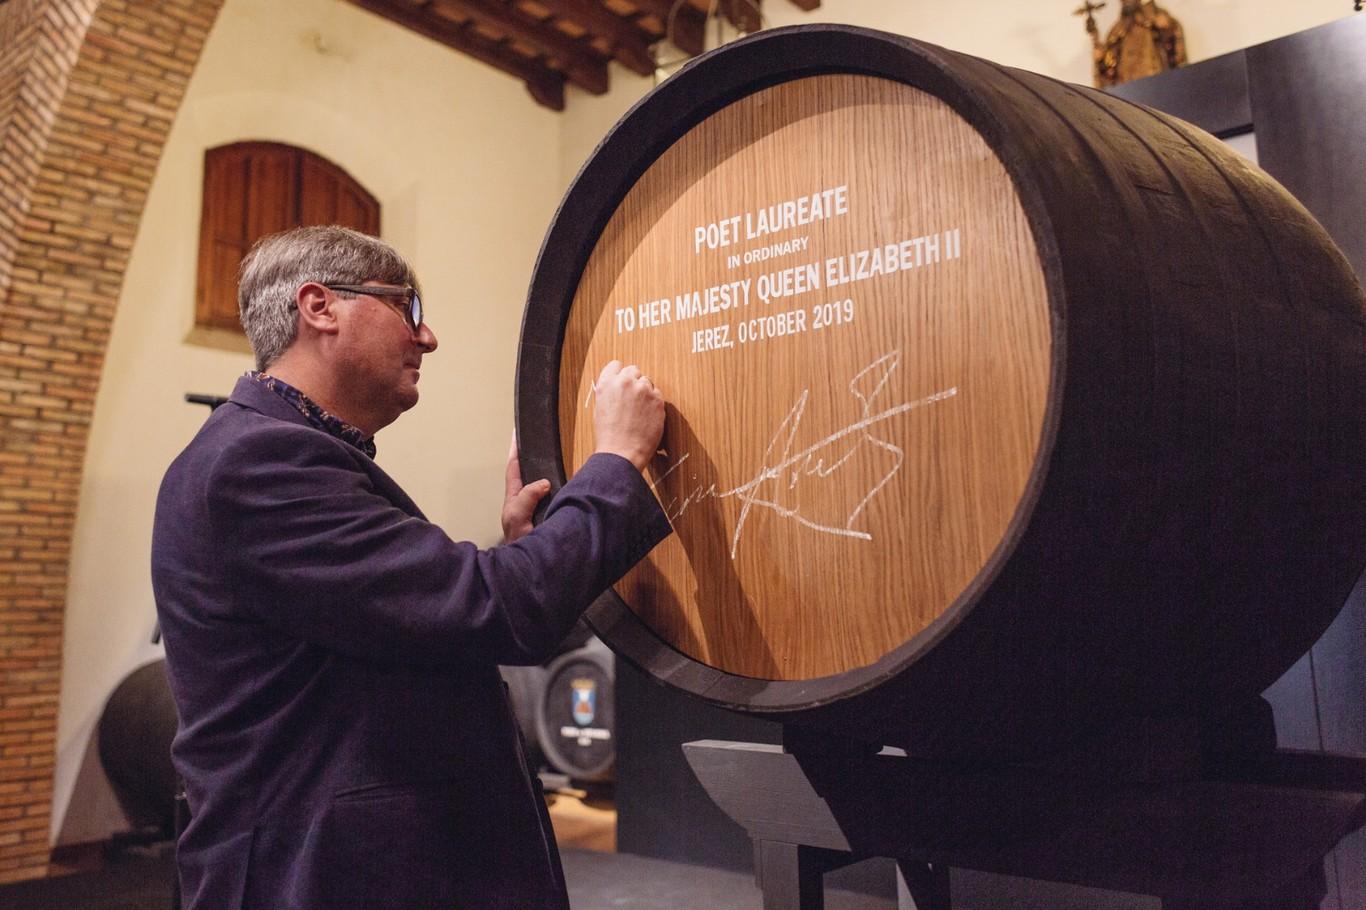 El poeta de la reina de Inglaterra está en Jerez para llevarse 540 litros de vino, una tradición centenaria...